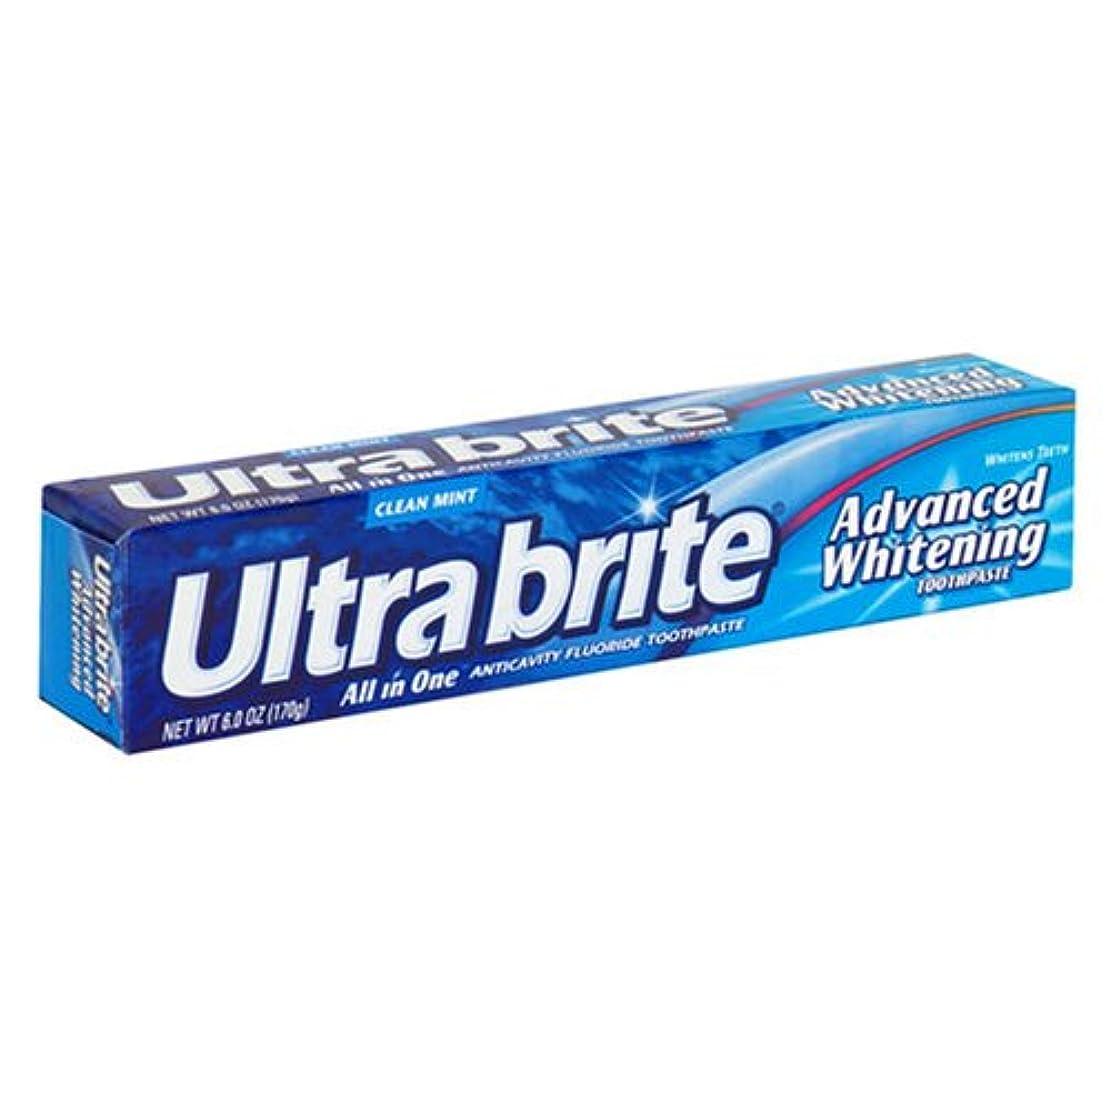 考案する聞く瞑想する海外直送肘 Colgate Ultra Brite Advanced Whitening Fluoride Toothpaste, 6 oz